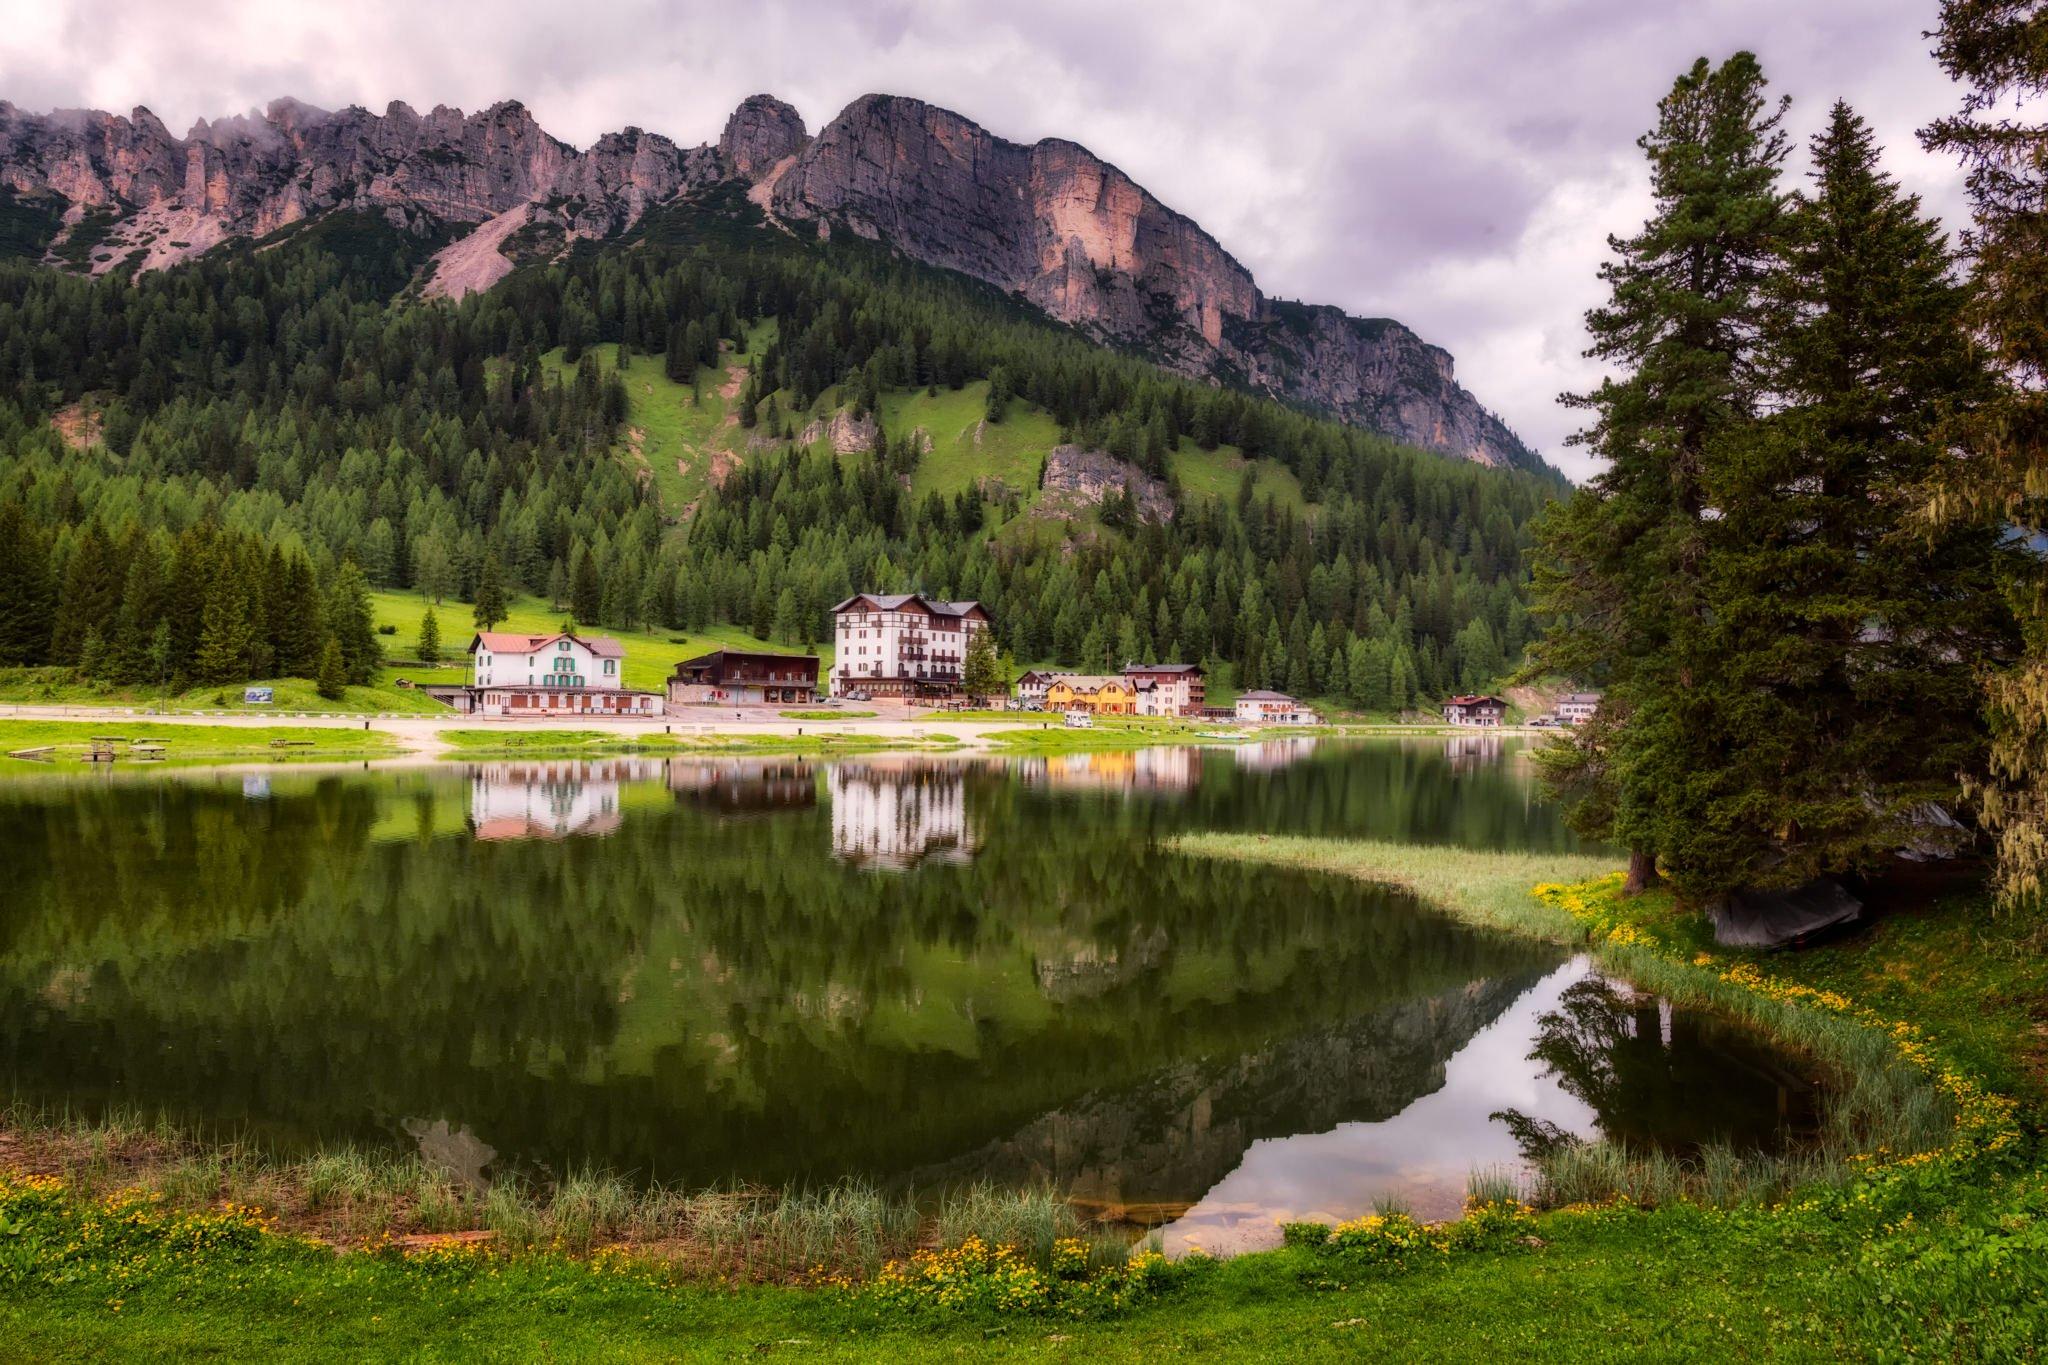 Misurinasee in den Dolomiten, Italien. Es spiegeln sich die Berge in dem See.